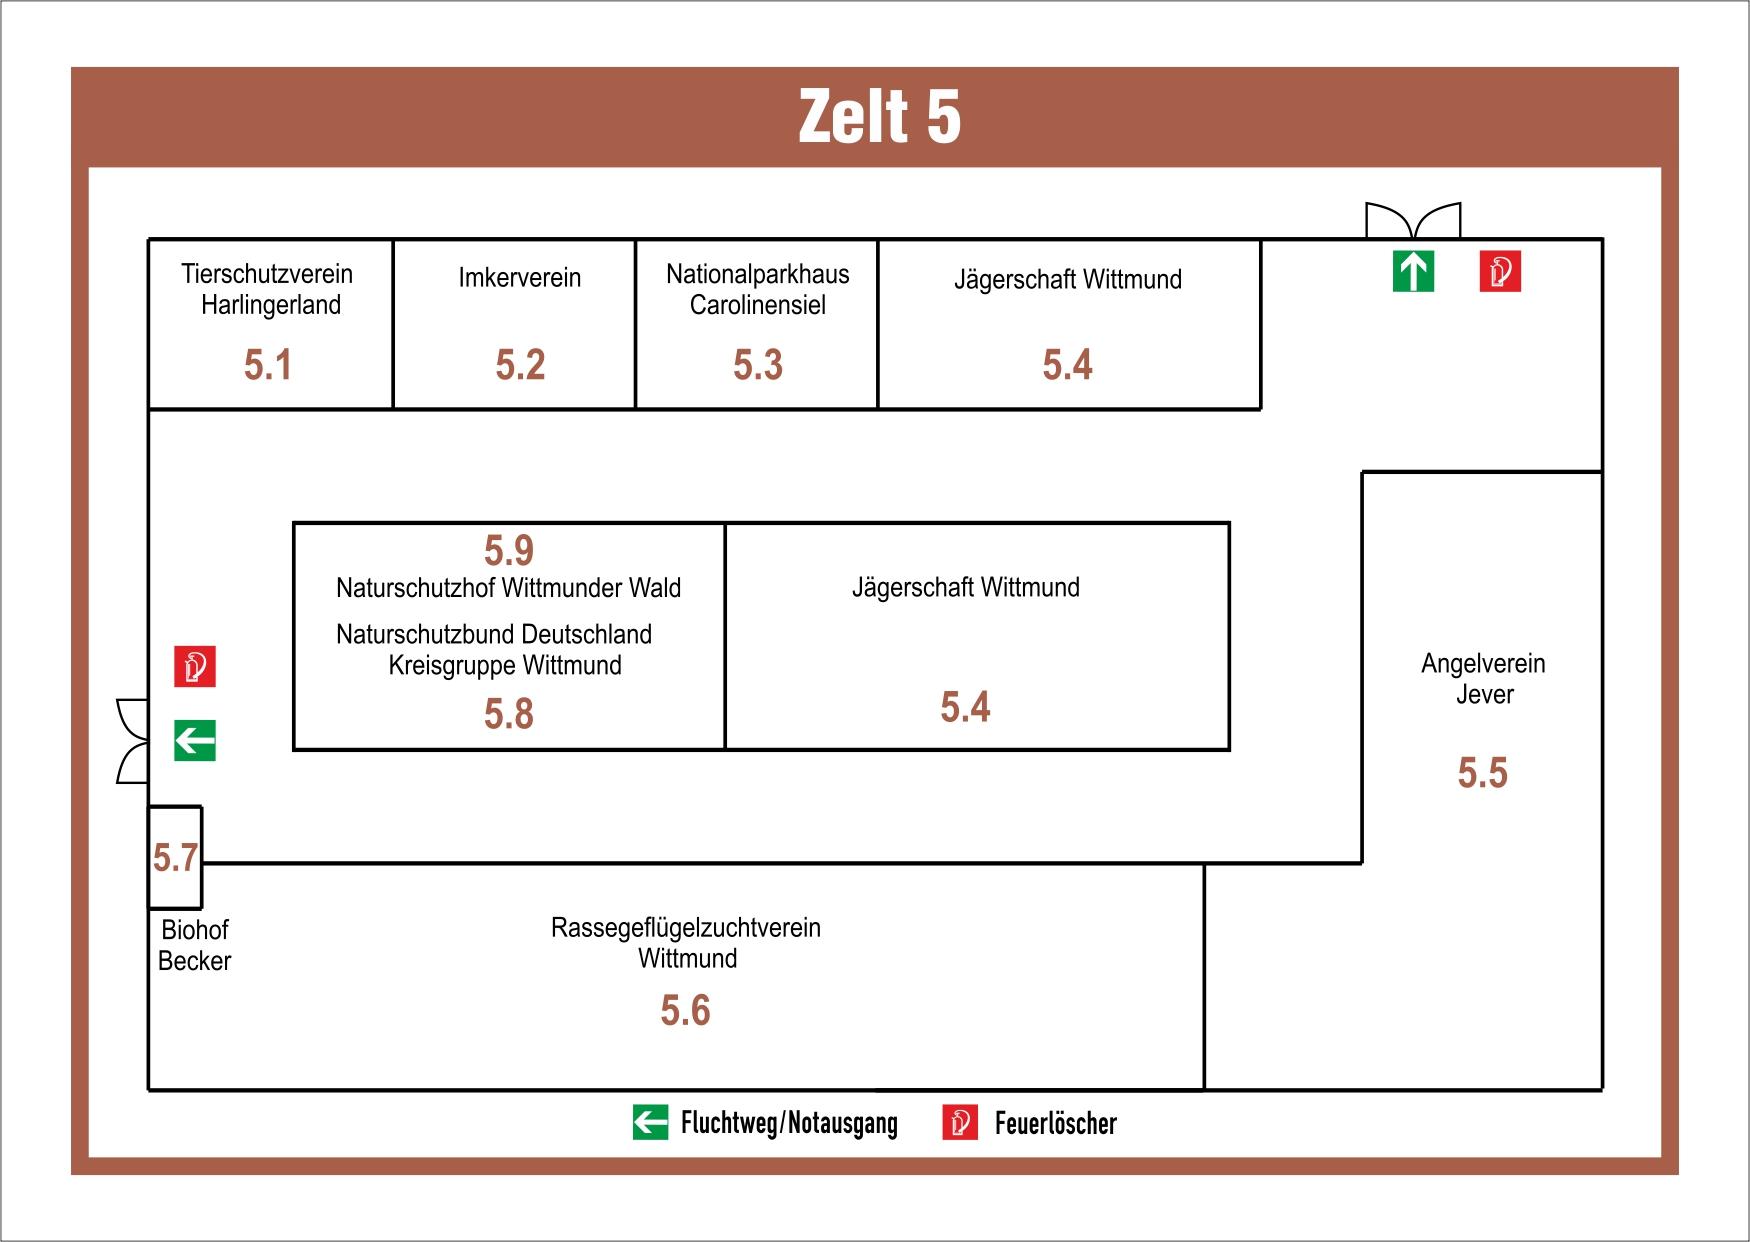 Zelt-5